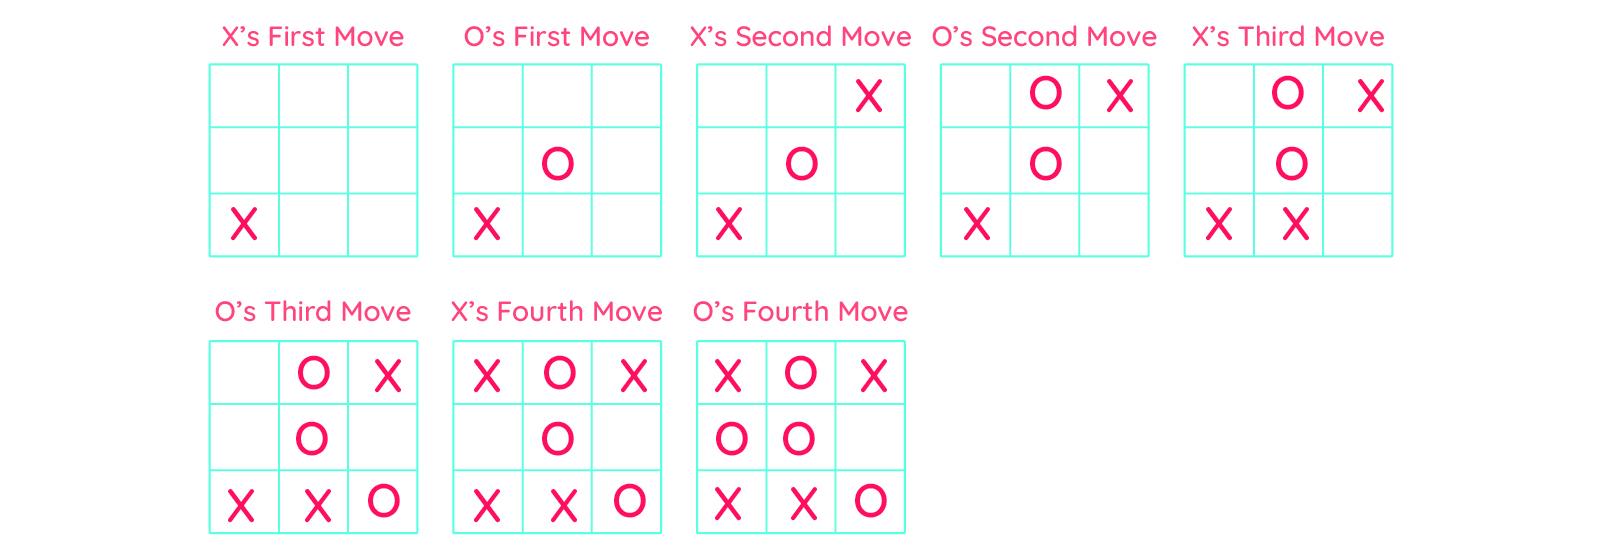 Round 3 XOX game